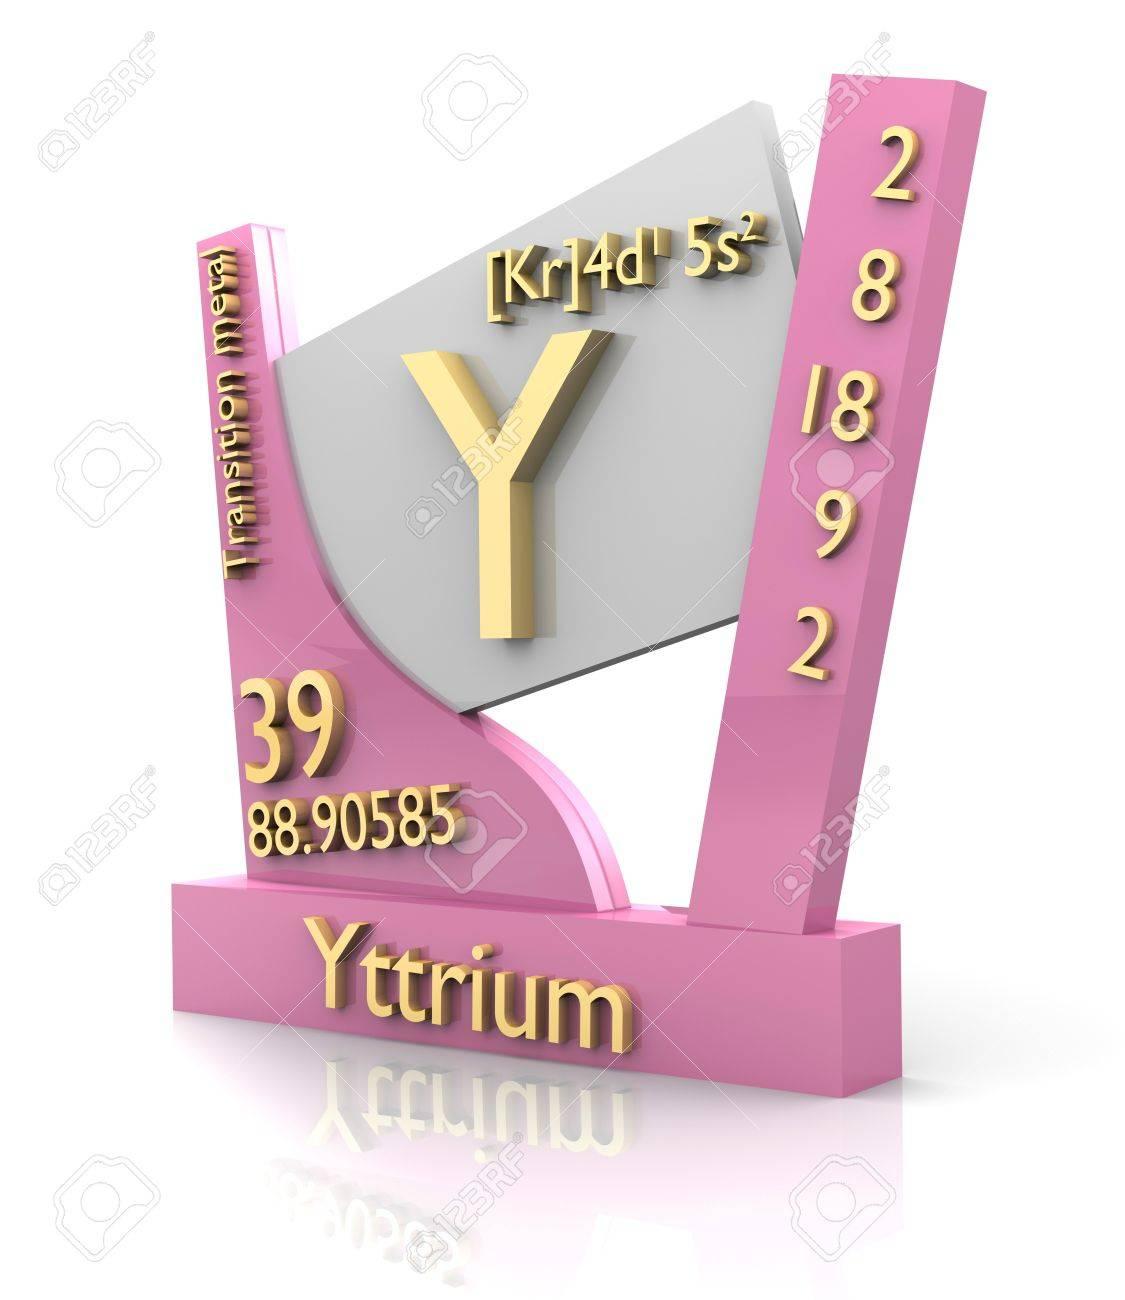 Yttrium symbol periodic table image collections periodic table yttrium symbol periodic table image collections periodic table yttrium symbol periodic table image collections periodic table gamestrikefo Gallery